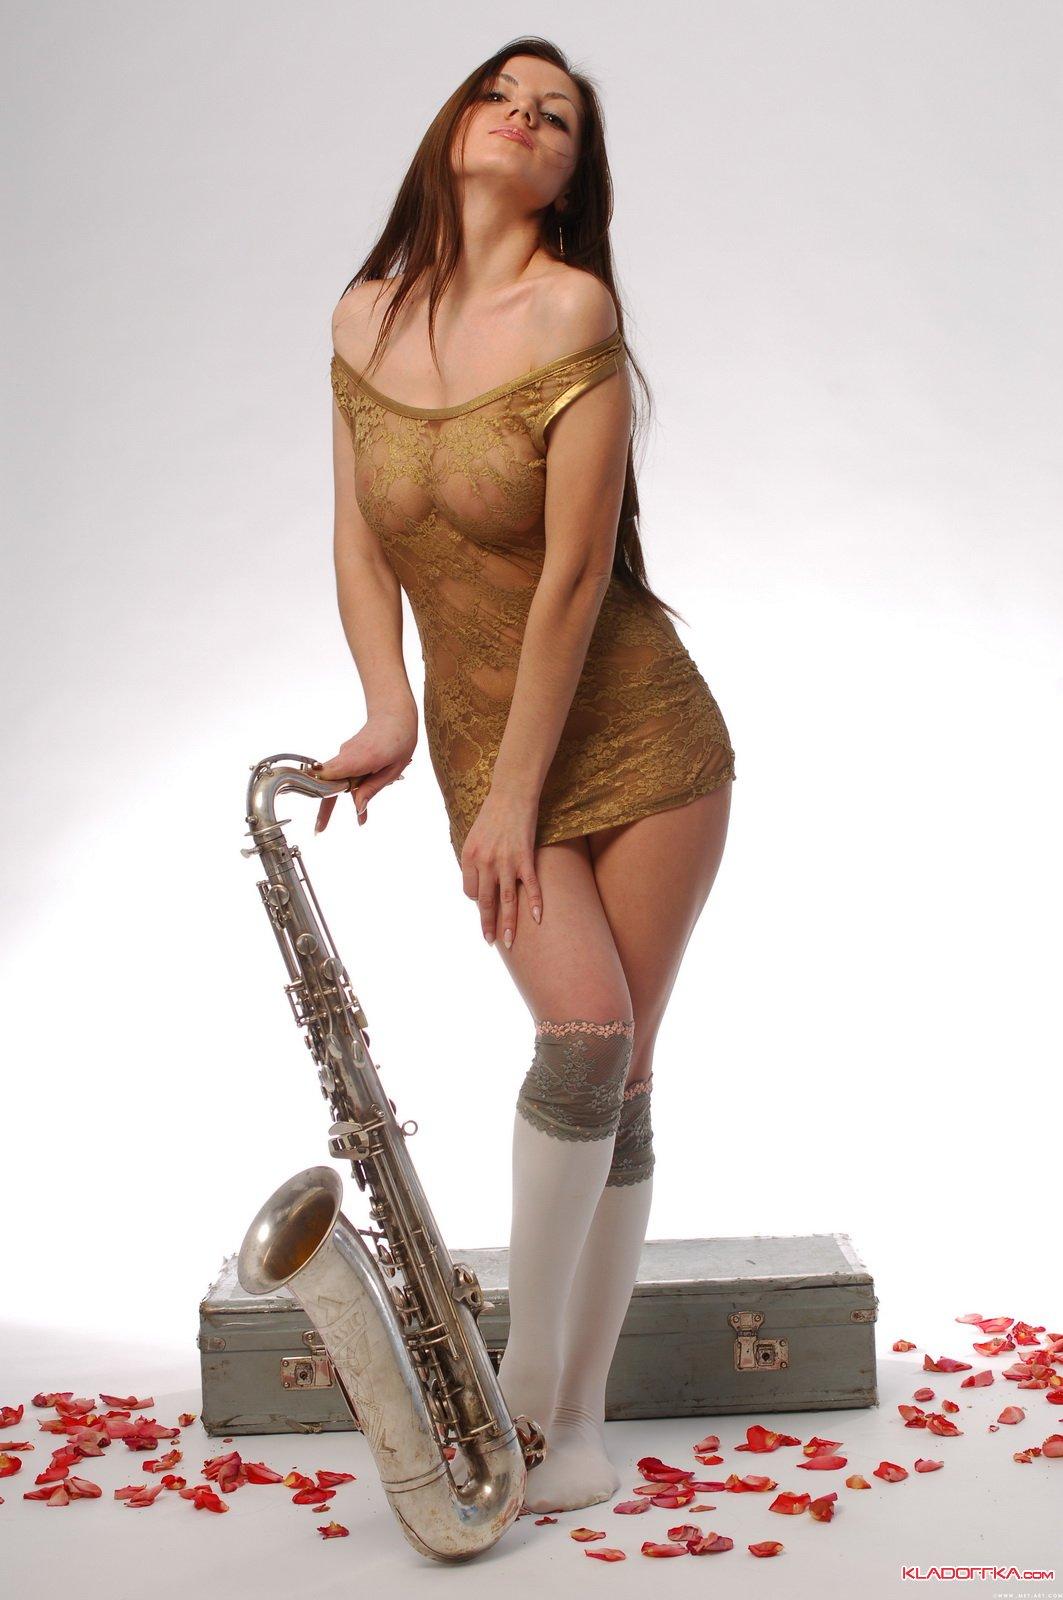 Фото голая девушка и саксофон